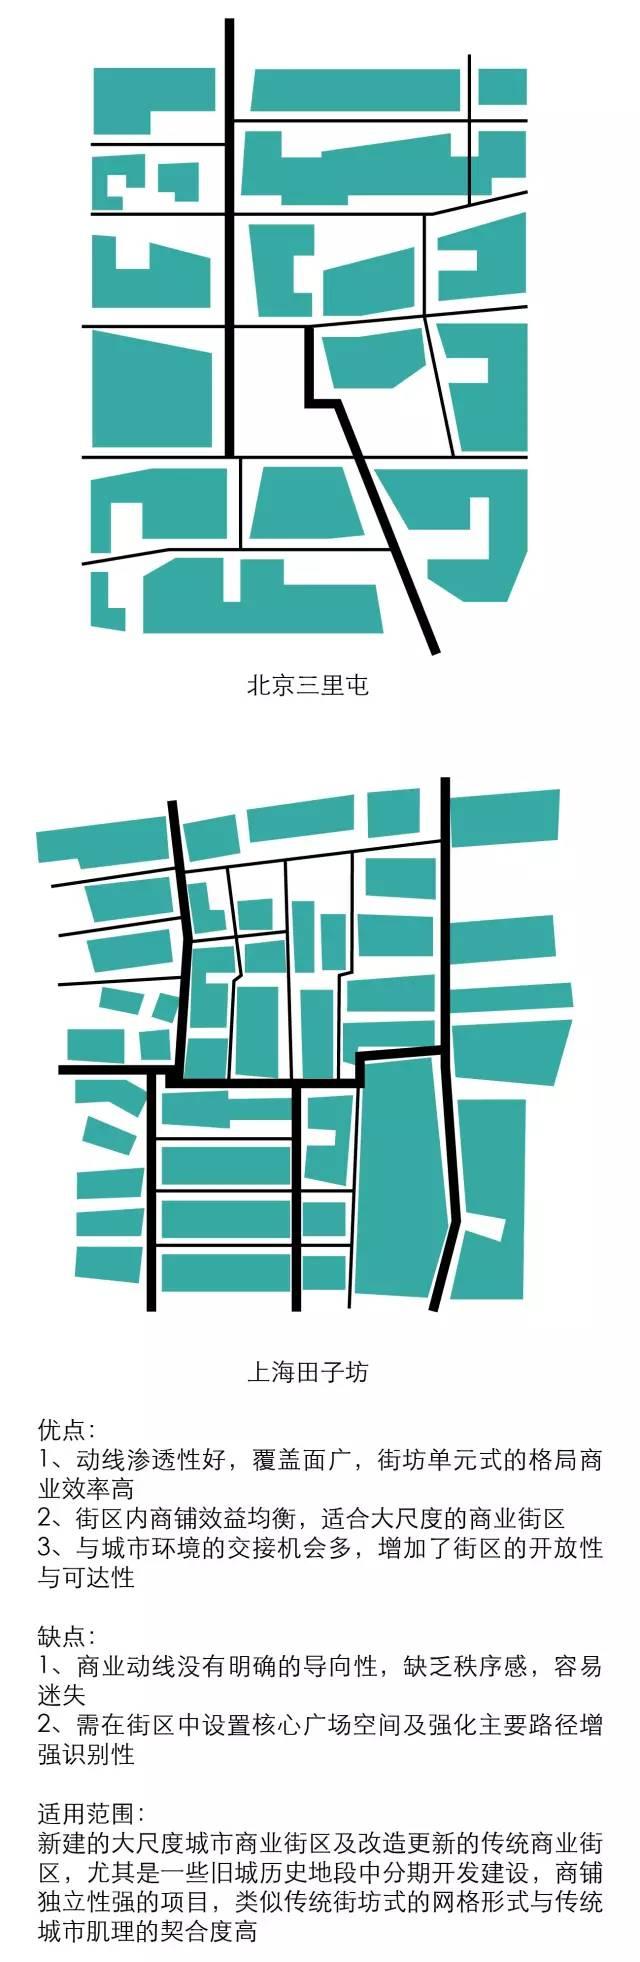 太古里、三里屯、新天地、田子坊等开放式商业街区设计最全解构_13